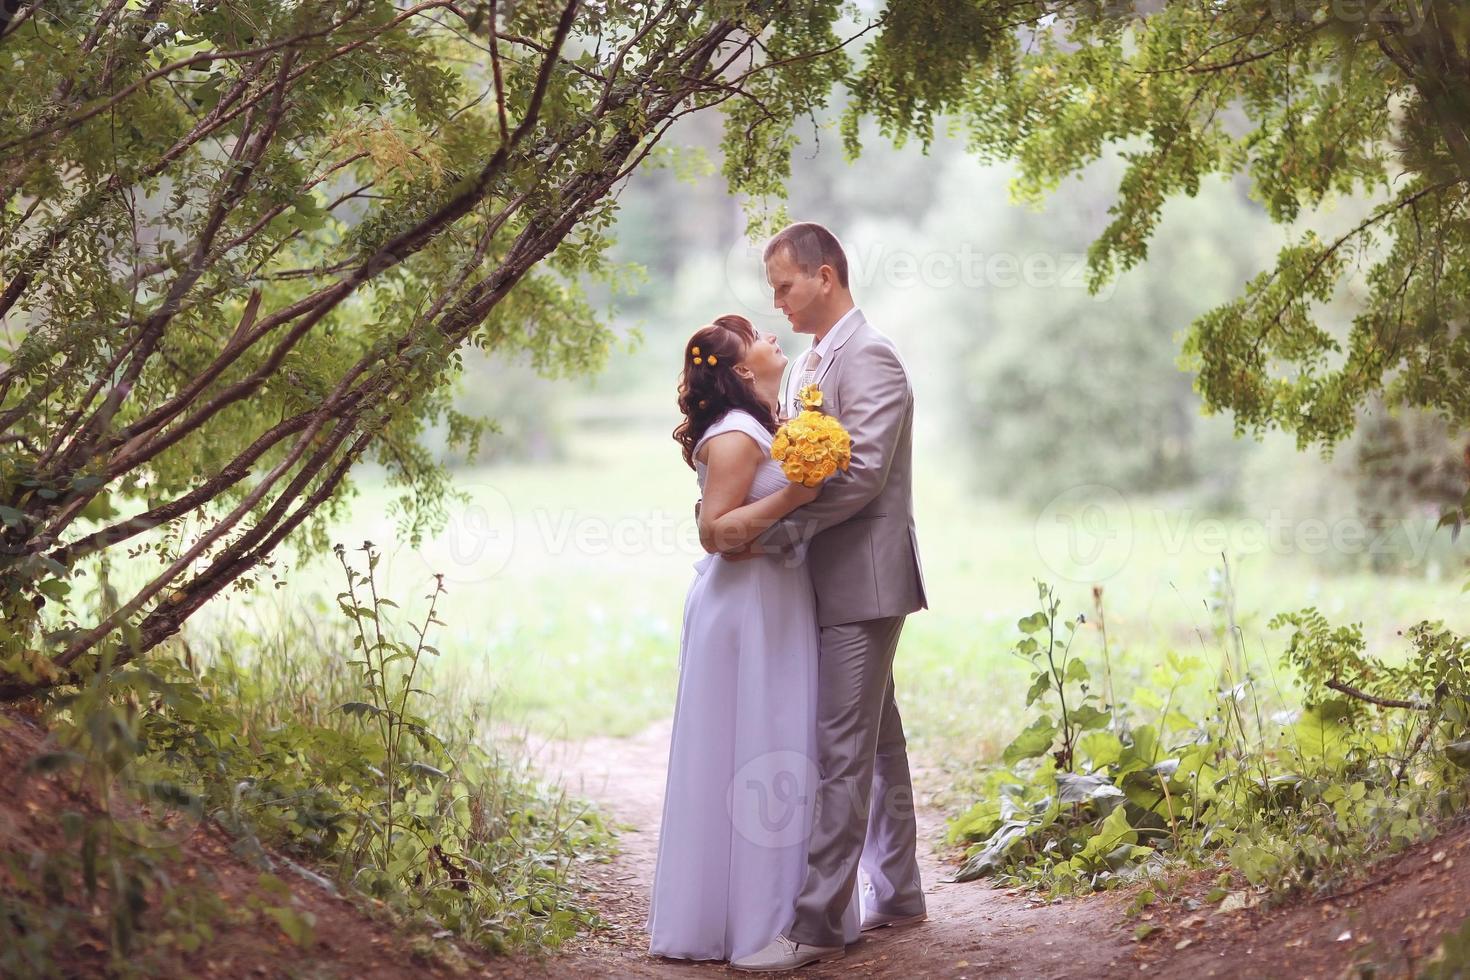 höst bröllop brud och brudgum foto